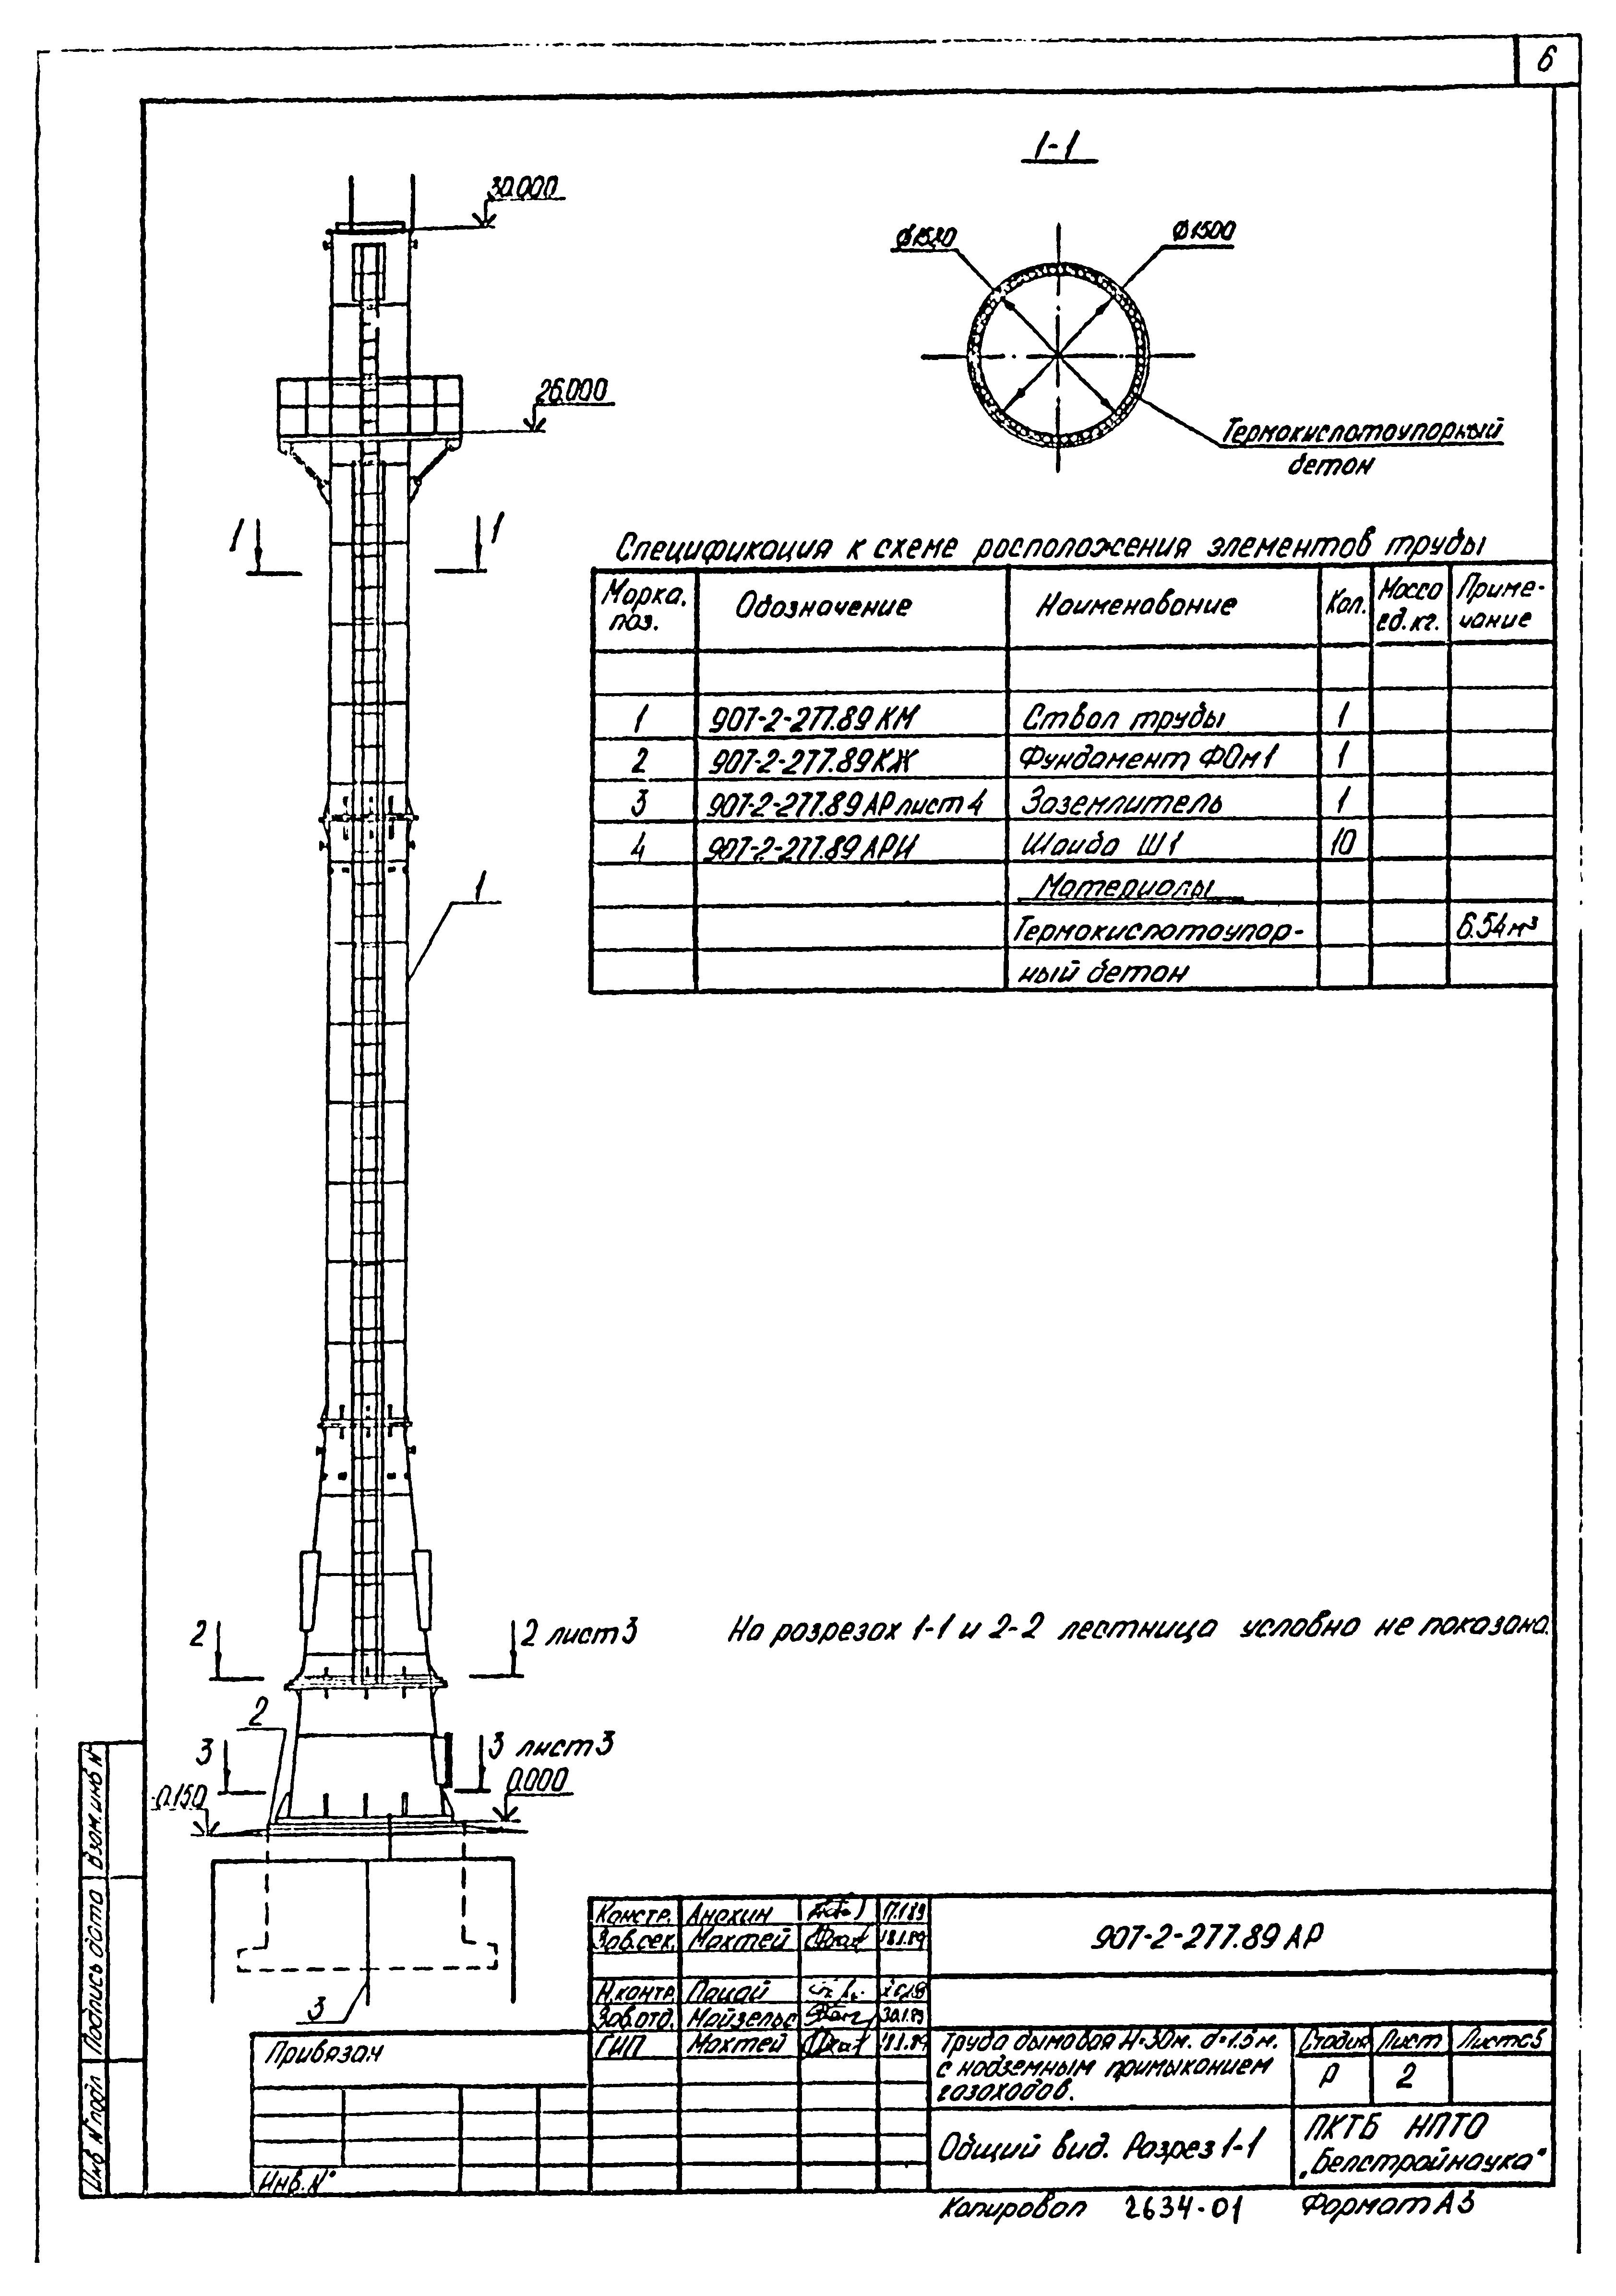 Инструкция по эксплуатации дымовых труб скачать бесплатно